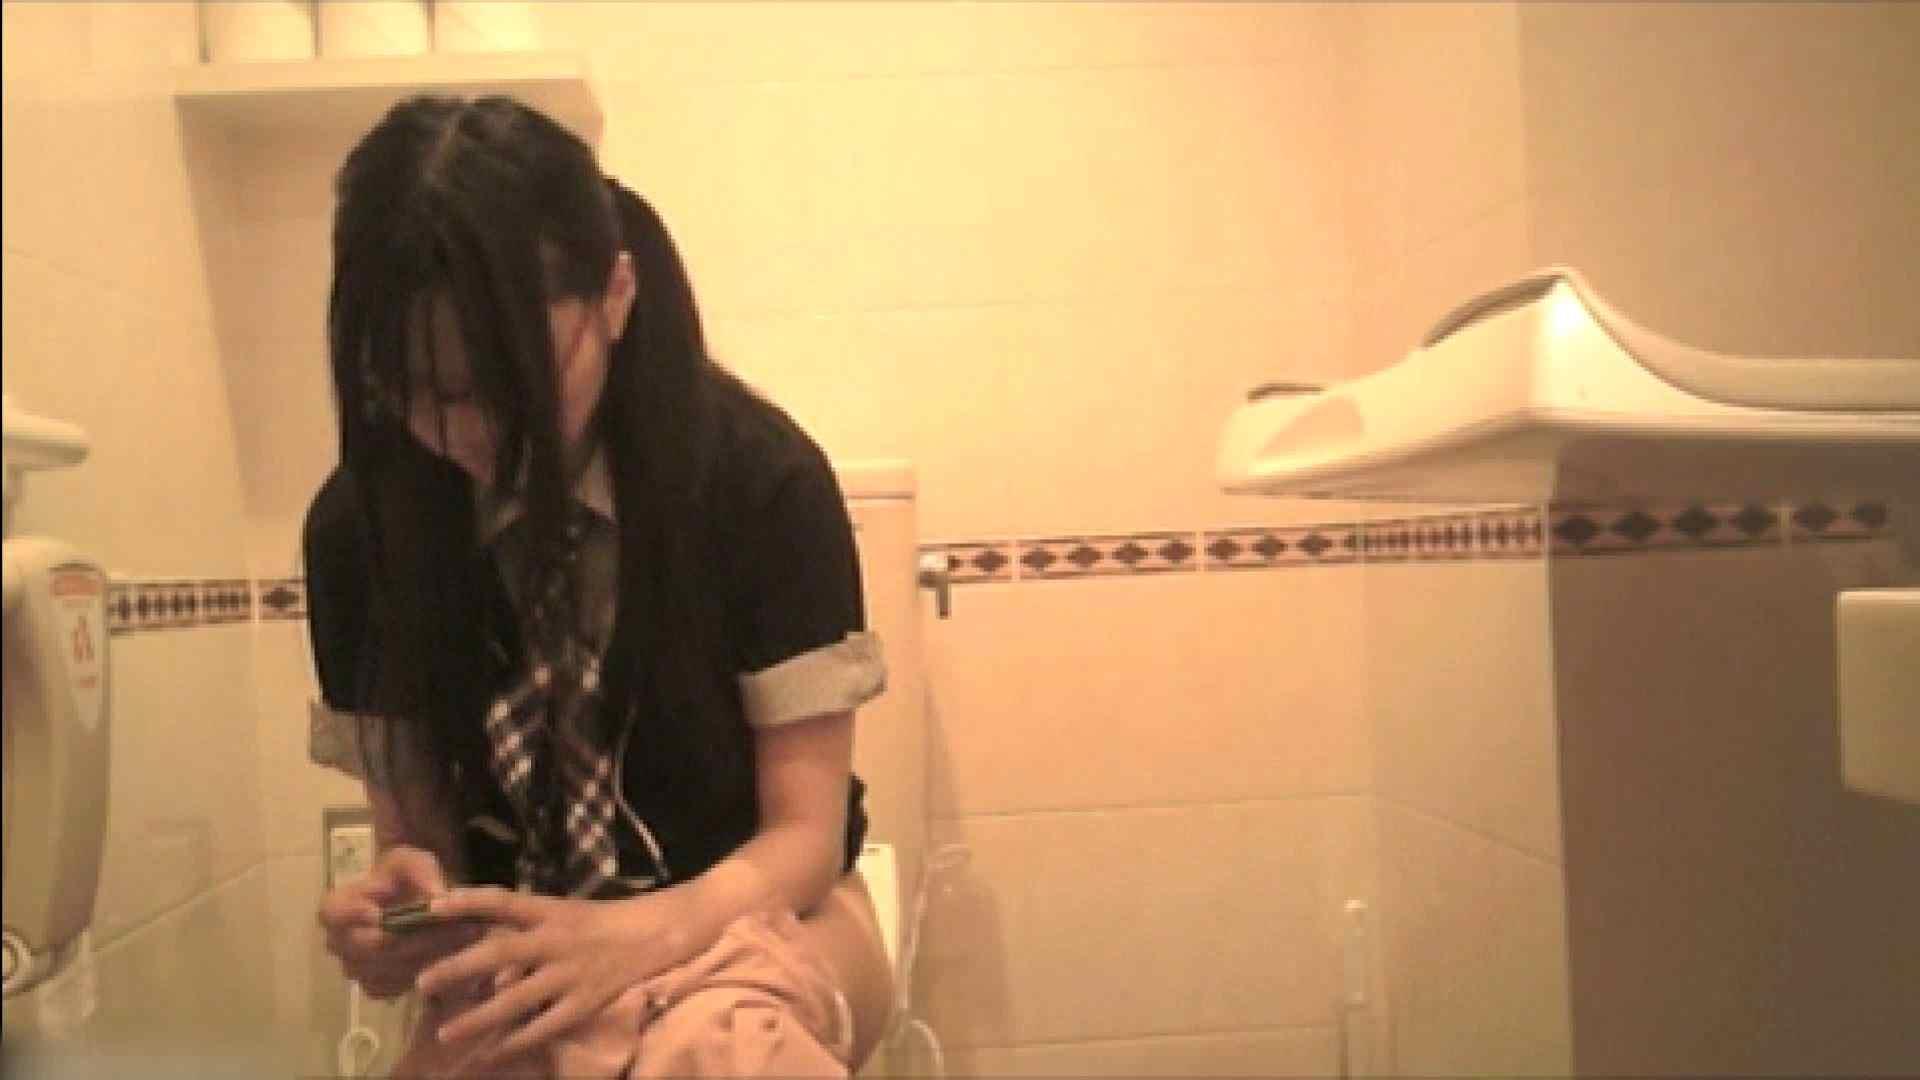 実録!!綺麗なお姉さんのトイレ事情・・・。vol.19 独身エッチOL   お姉さんの女体  22pic 10